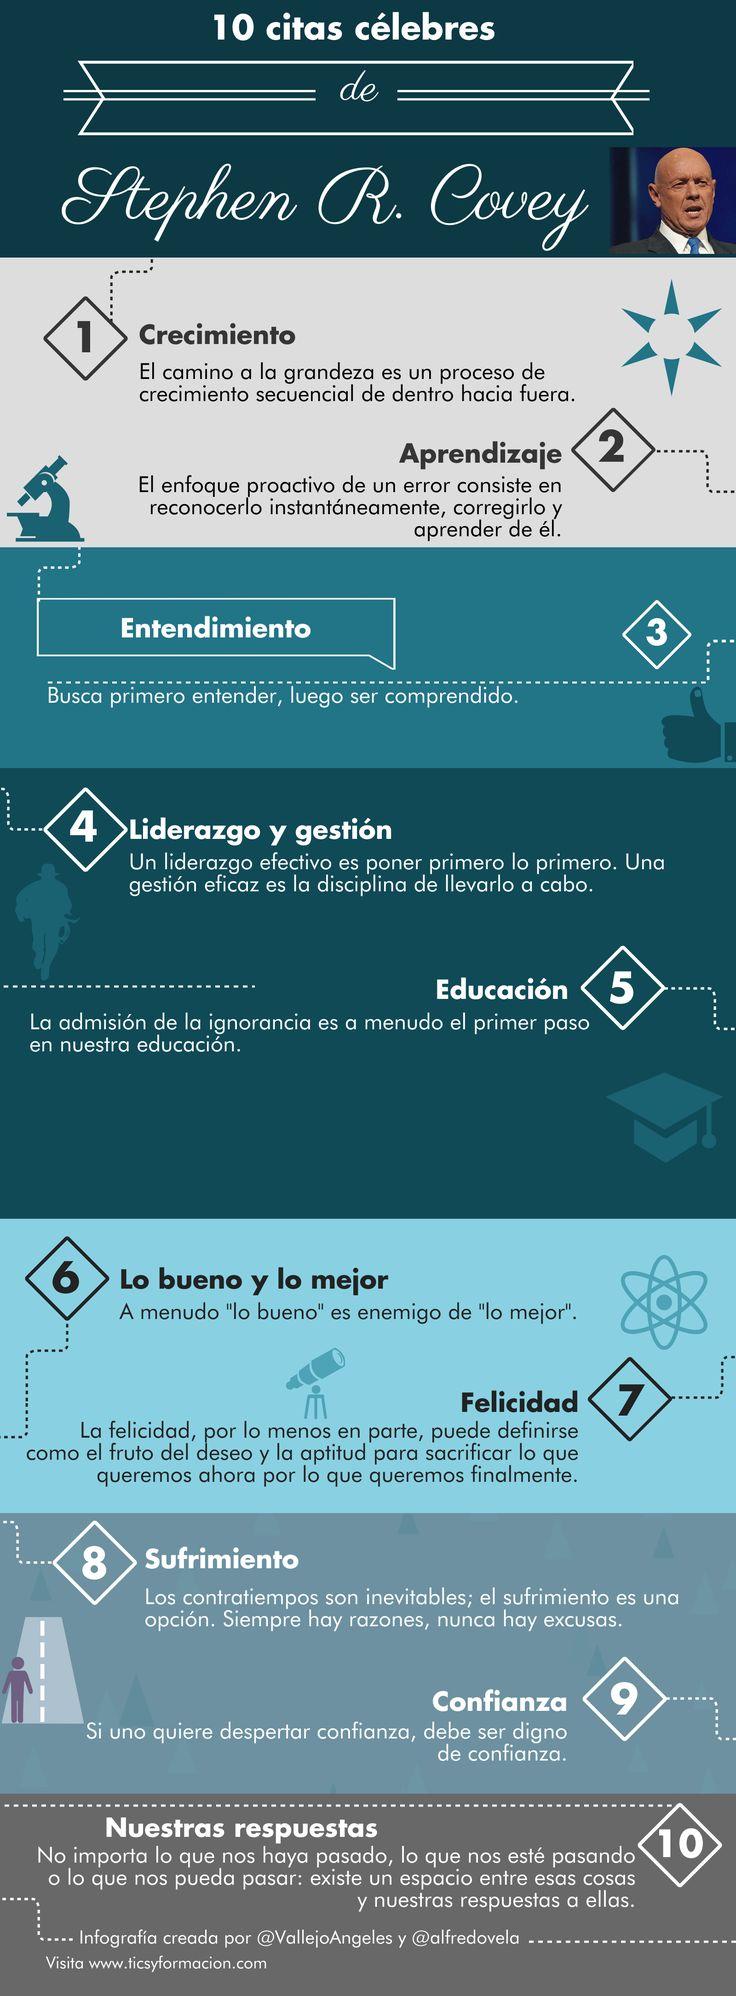 Hola: Una infografía con 10 citas célebres de Stephen R. Covey. Un saludo